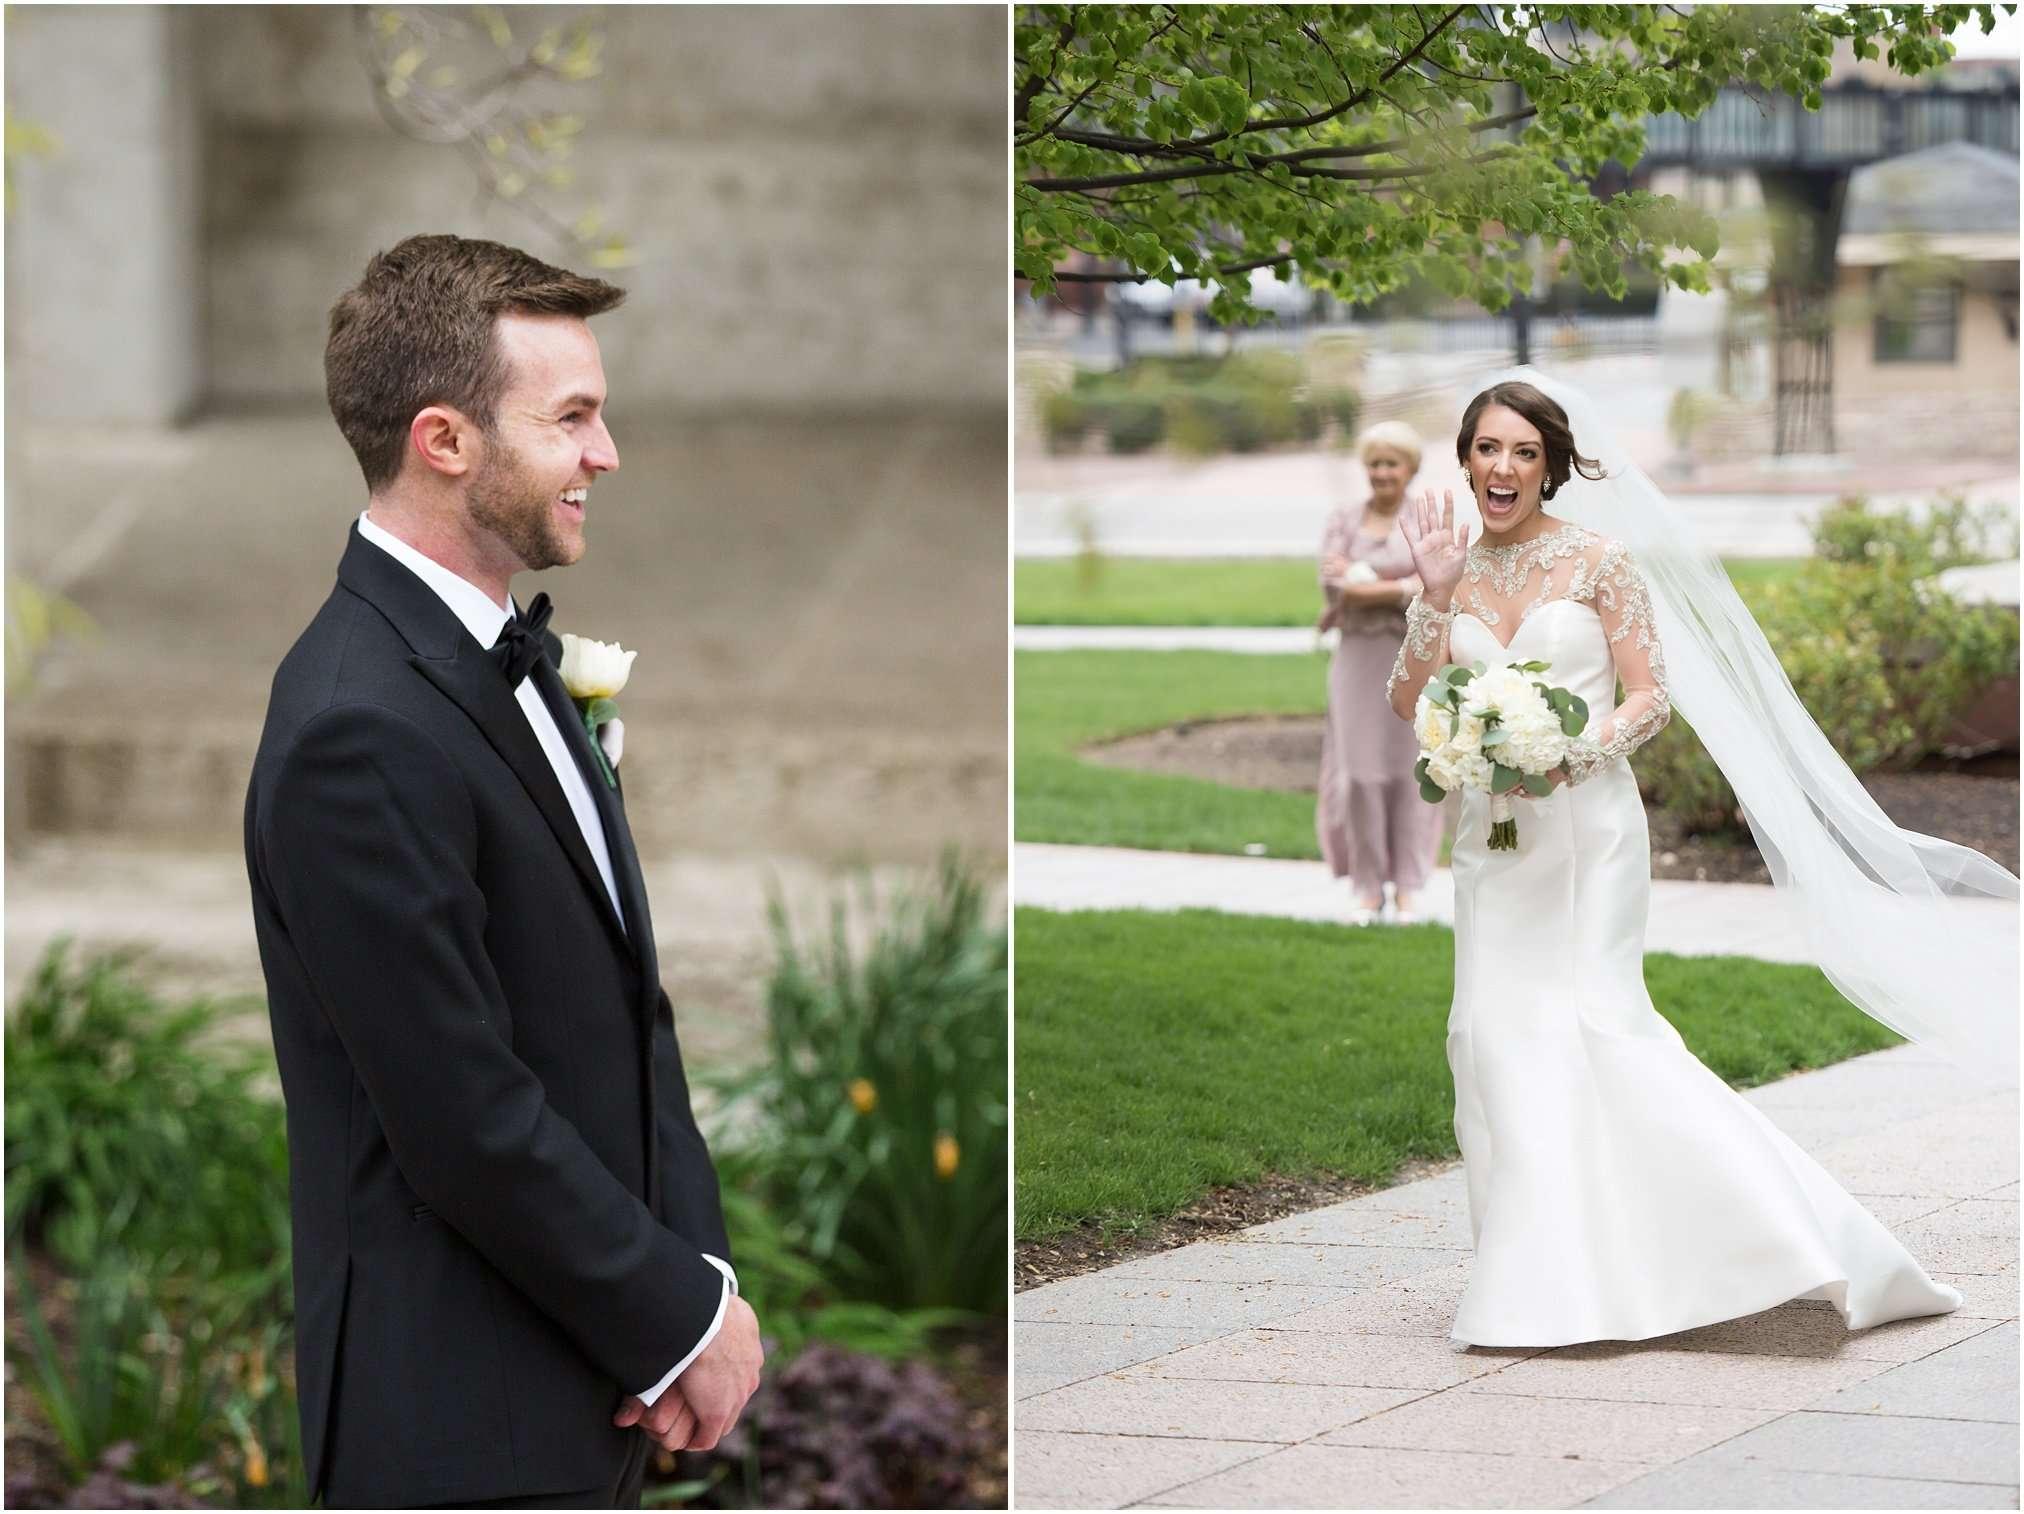 Spring Wedding at the Ohio Statehouse | Columbus Ohio Photography 24